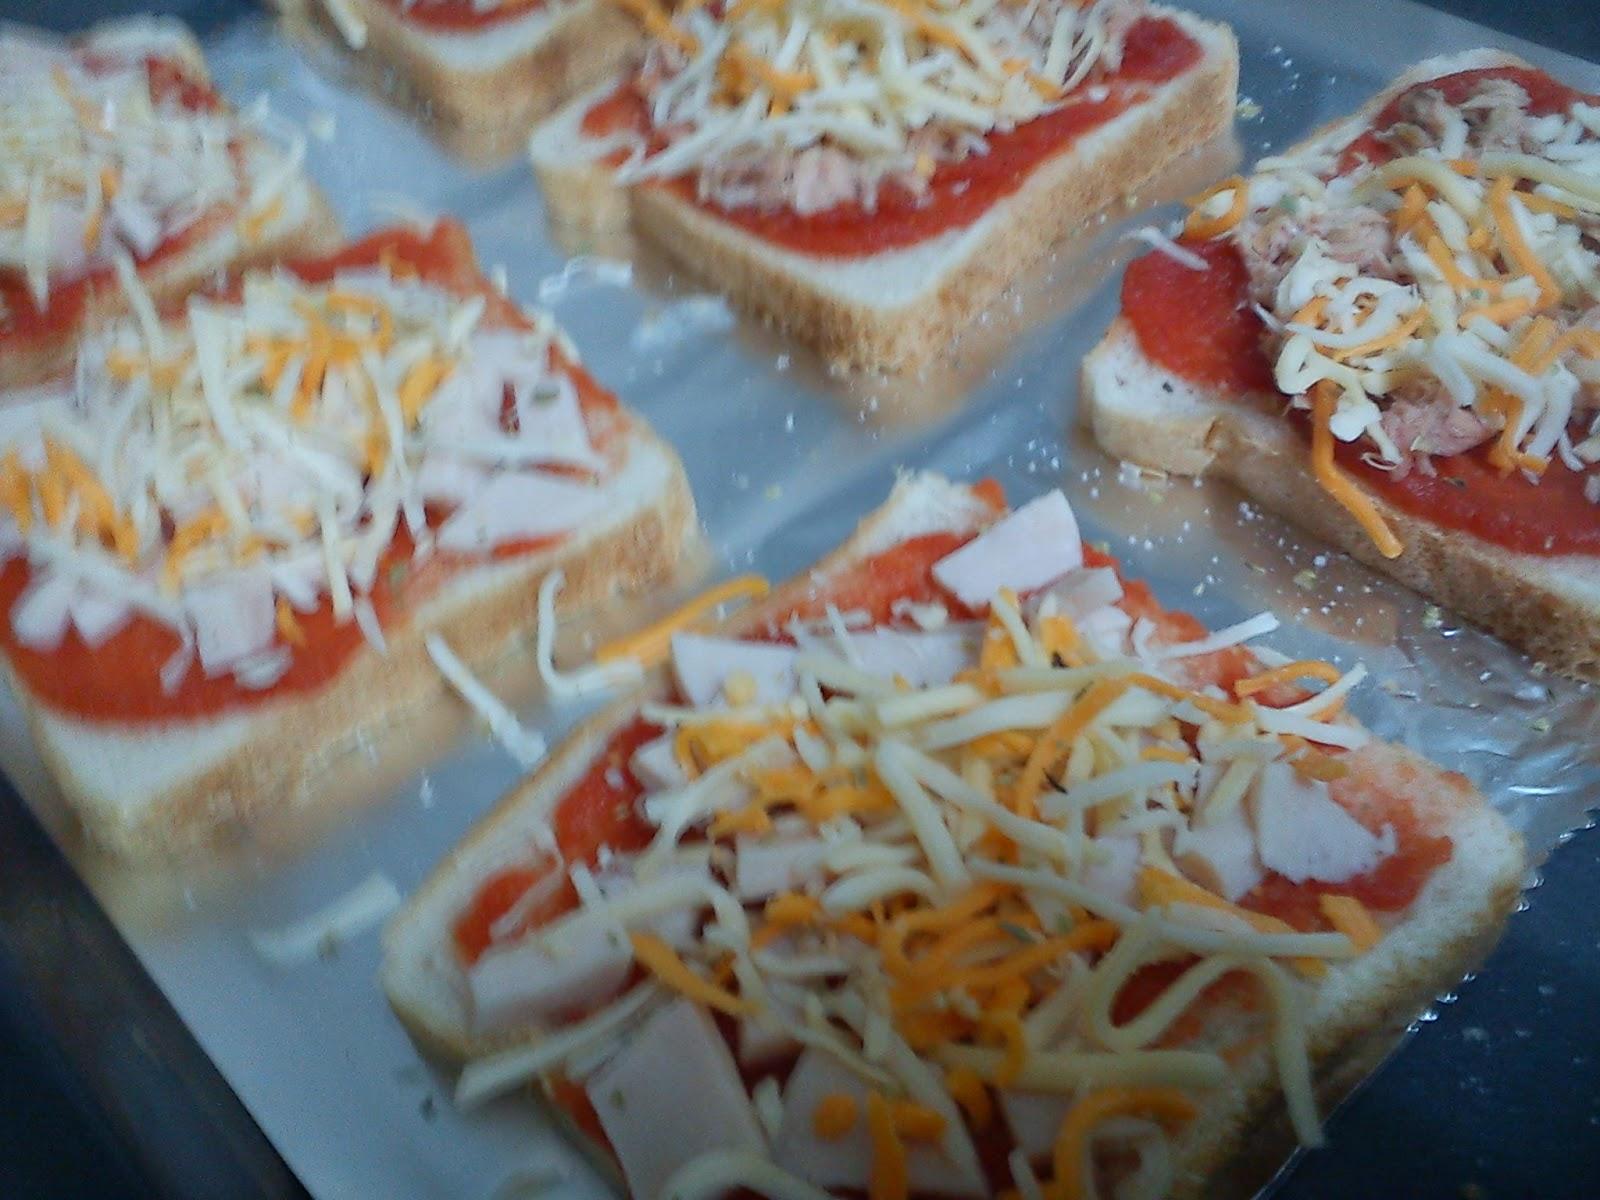 Mi mam cocina pizza facil rapida y barata - Cocina rapida y facil ...